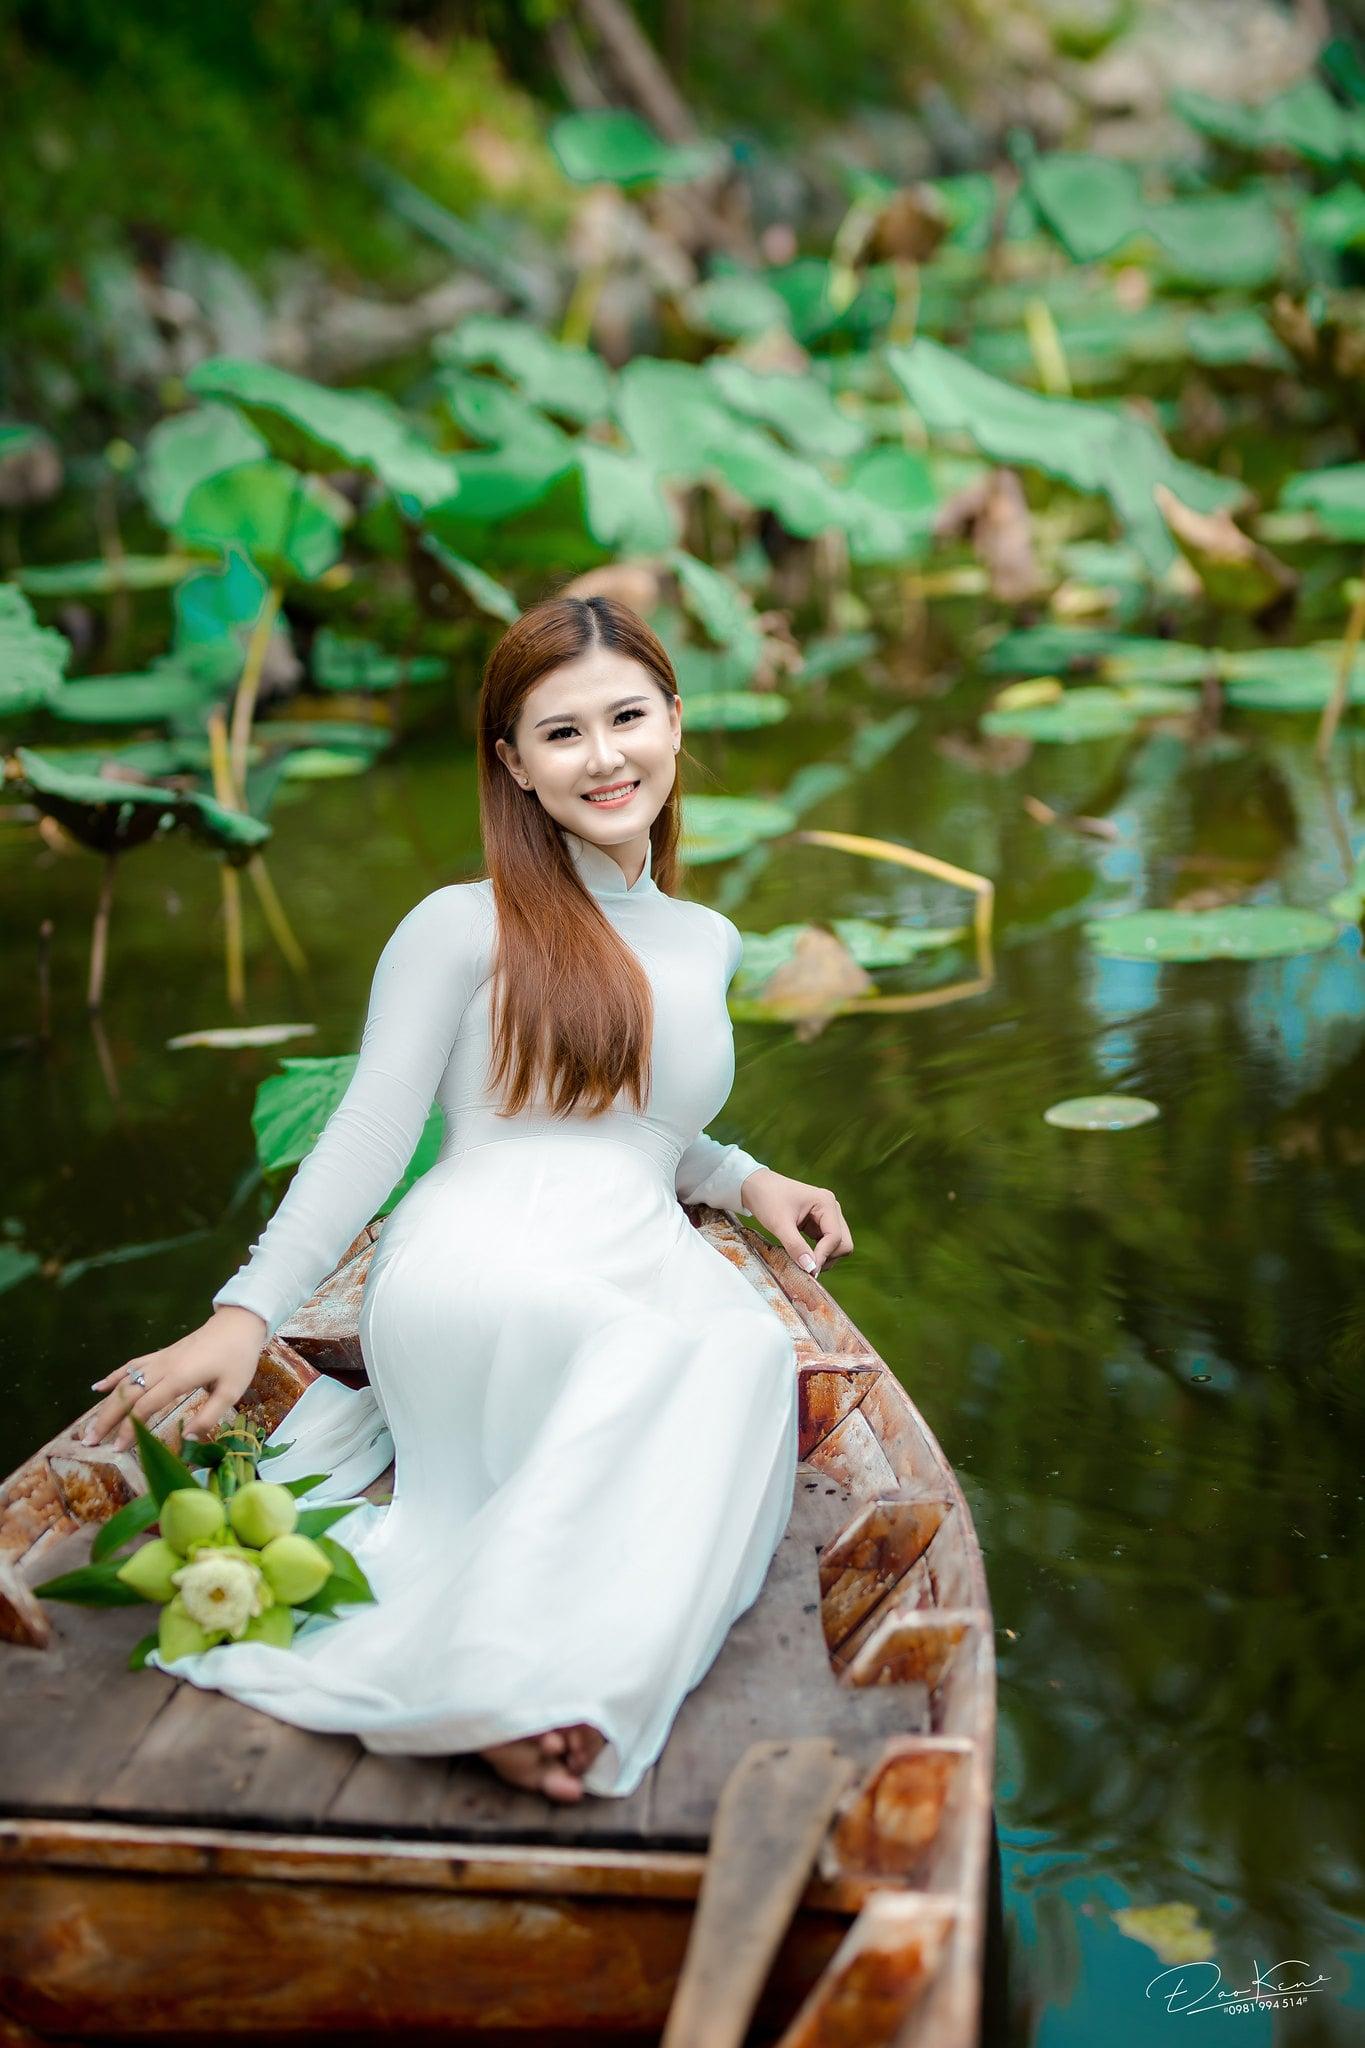 Ha My ao dai 5 min - Báo giá chụp ảnh áo dài trọn gói tại Tp.HCM - HThao Studio